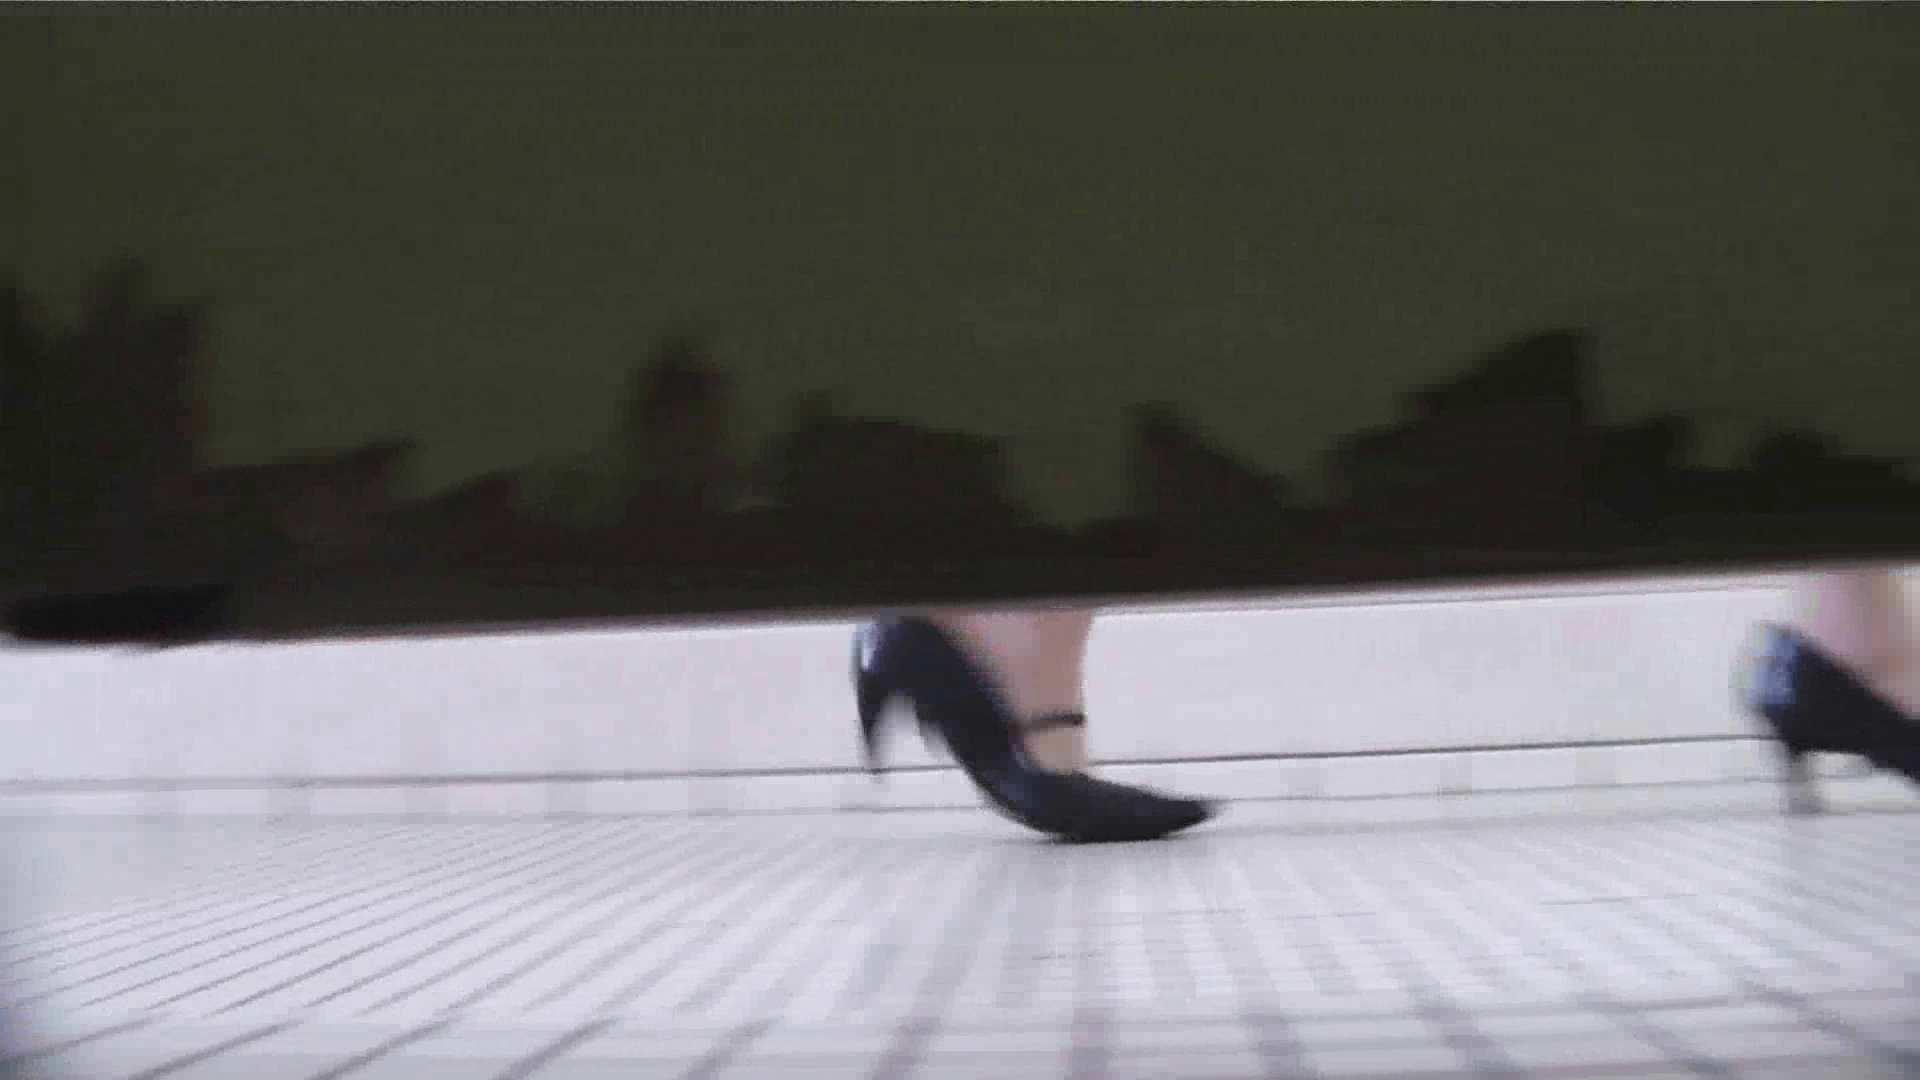 【美しき個室な世界】 vol.018 ピンクのおネエタン OLの実態 | 洗面所  52pic 25